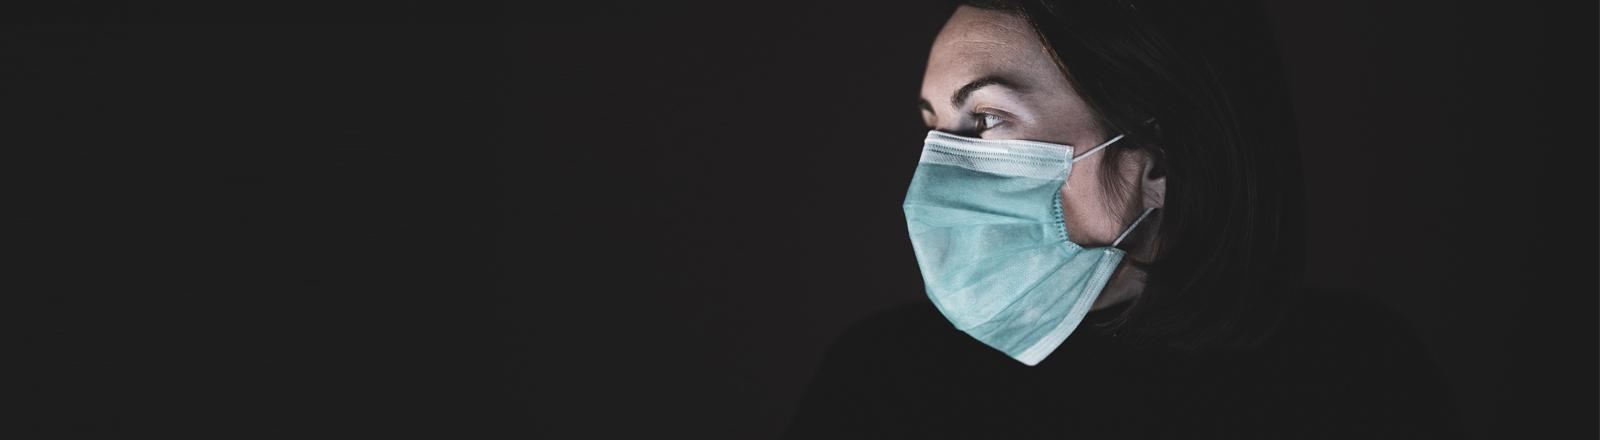 Eine Frau trägt eine Mund-Nase-Maske.